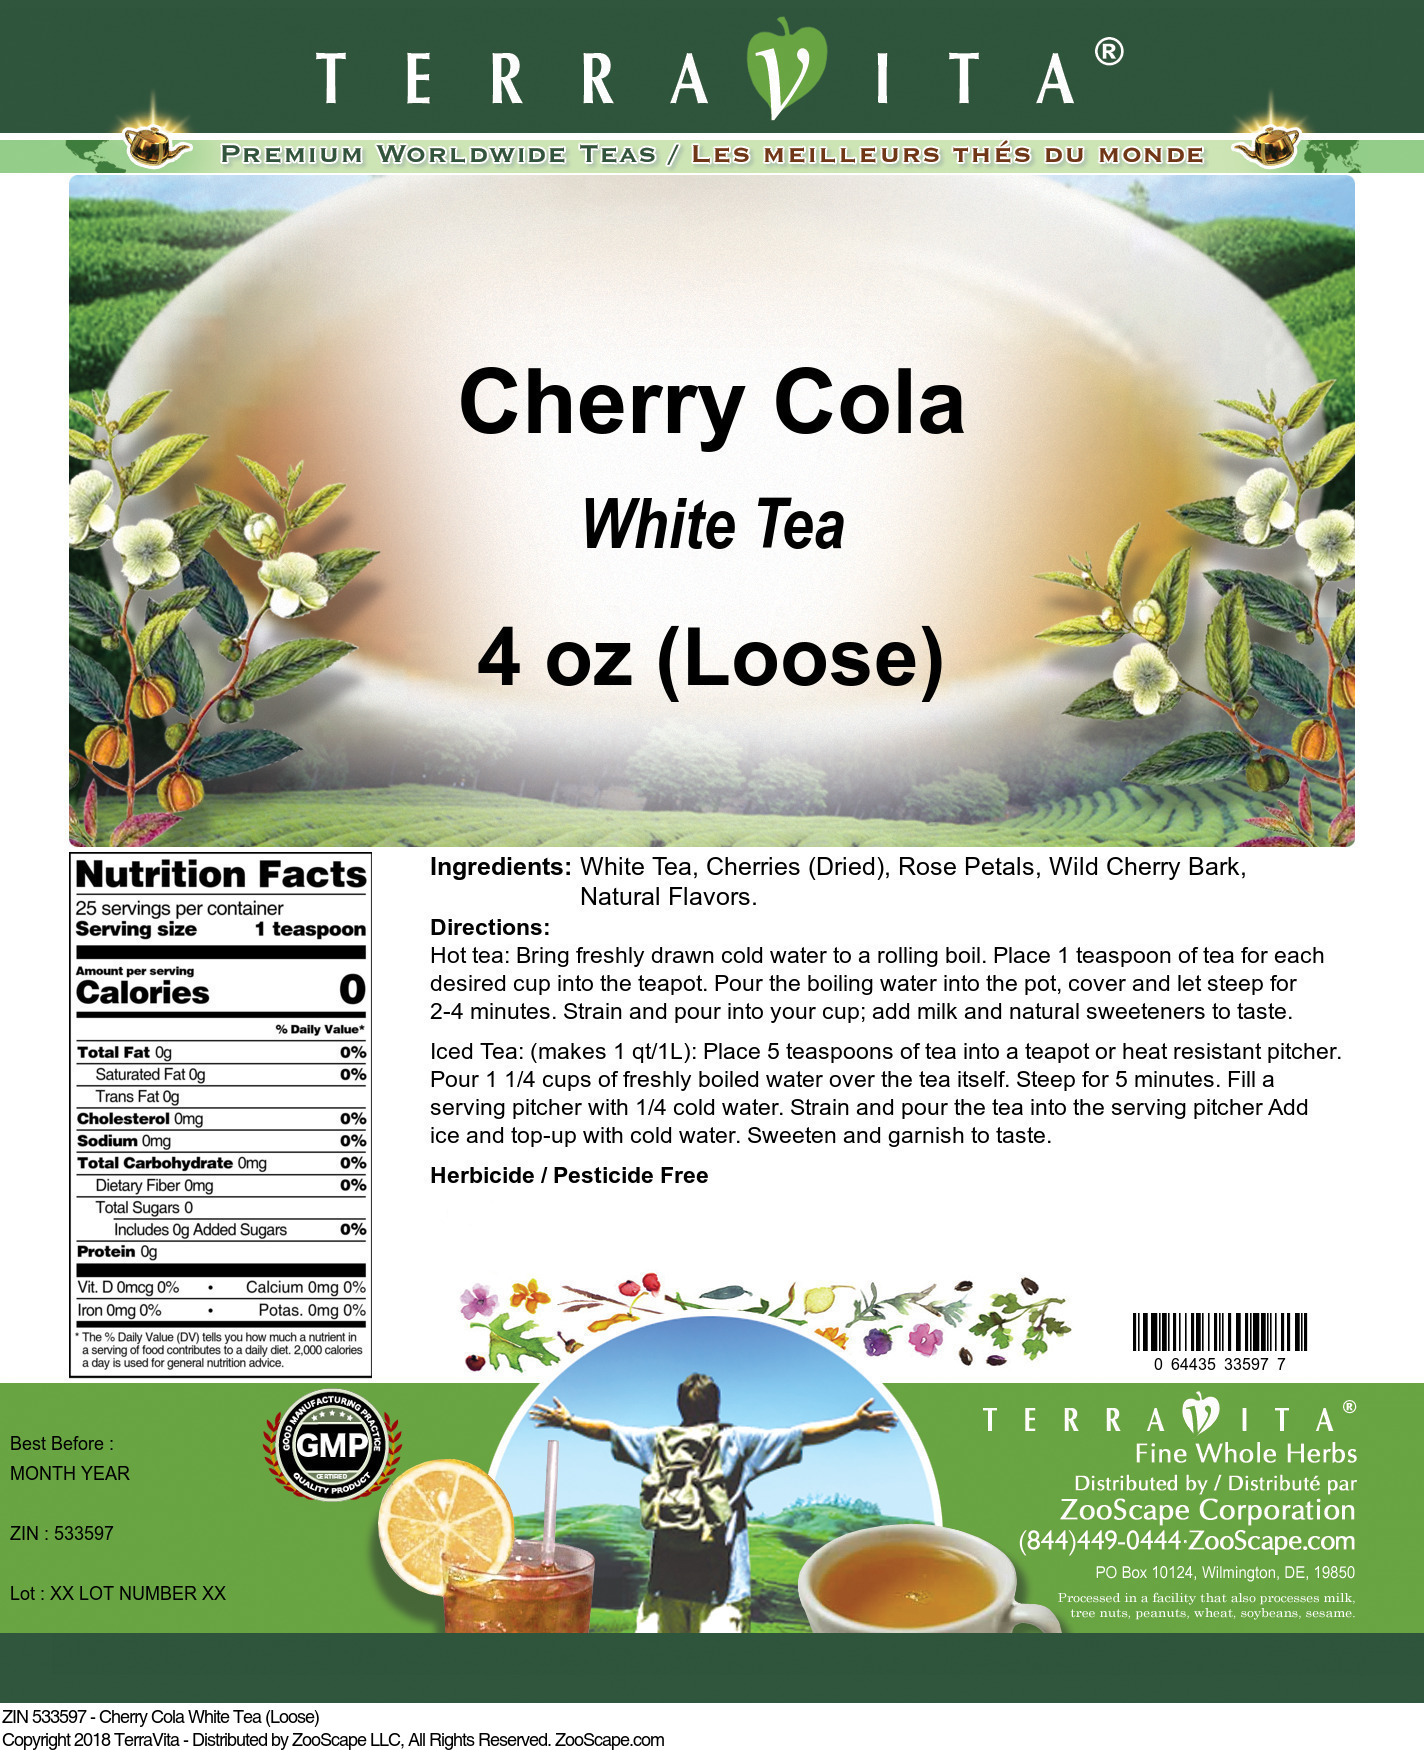 Cherry Cola White Tea